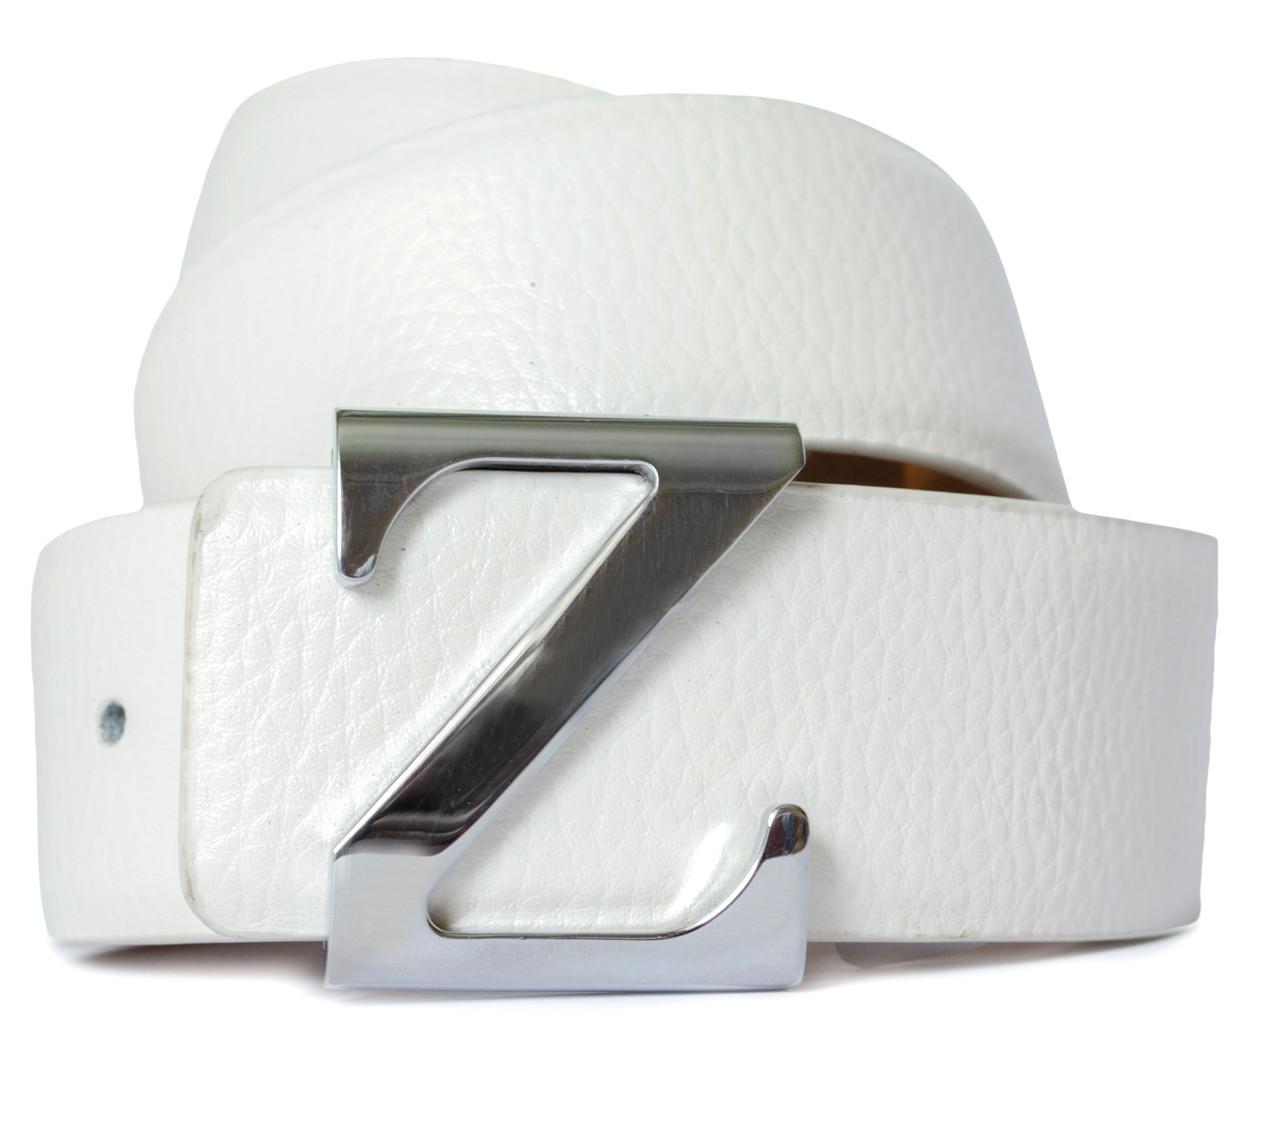 Стильный мужской ремень в белом цвете 100% кожи в стиле Zegna